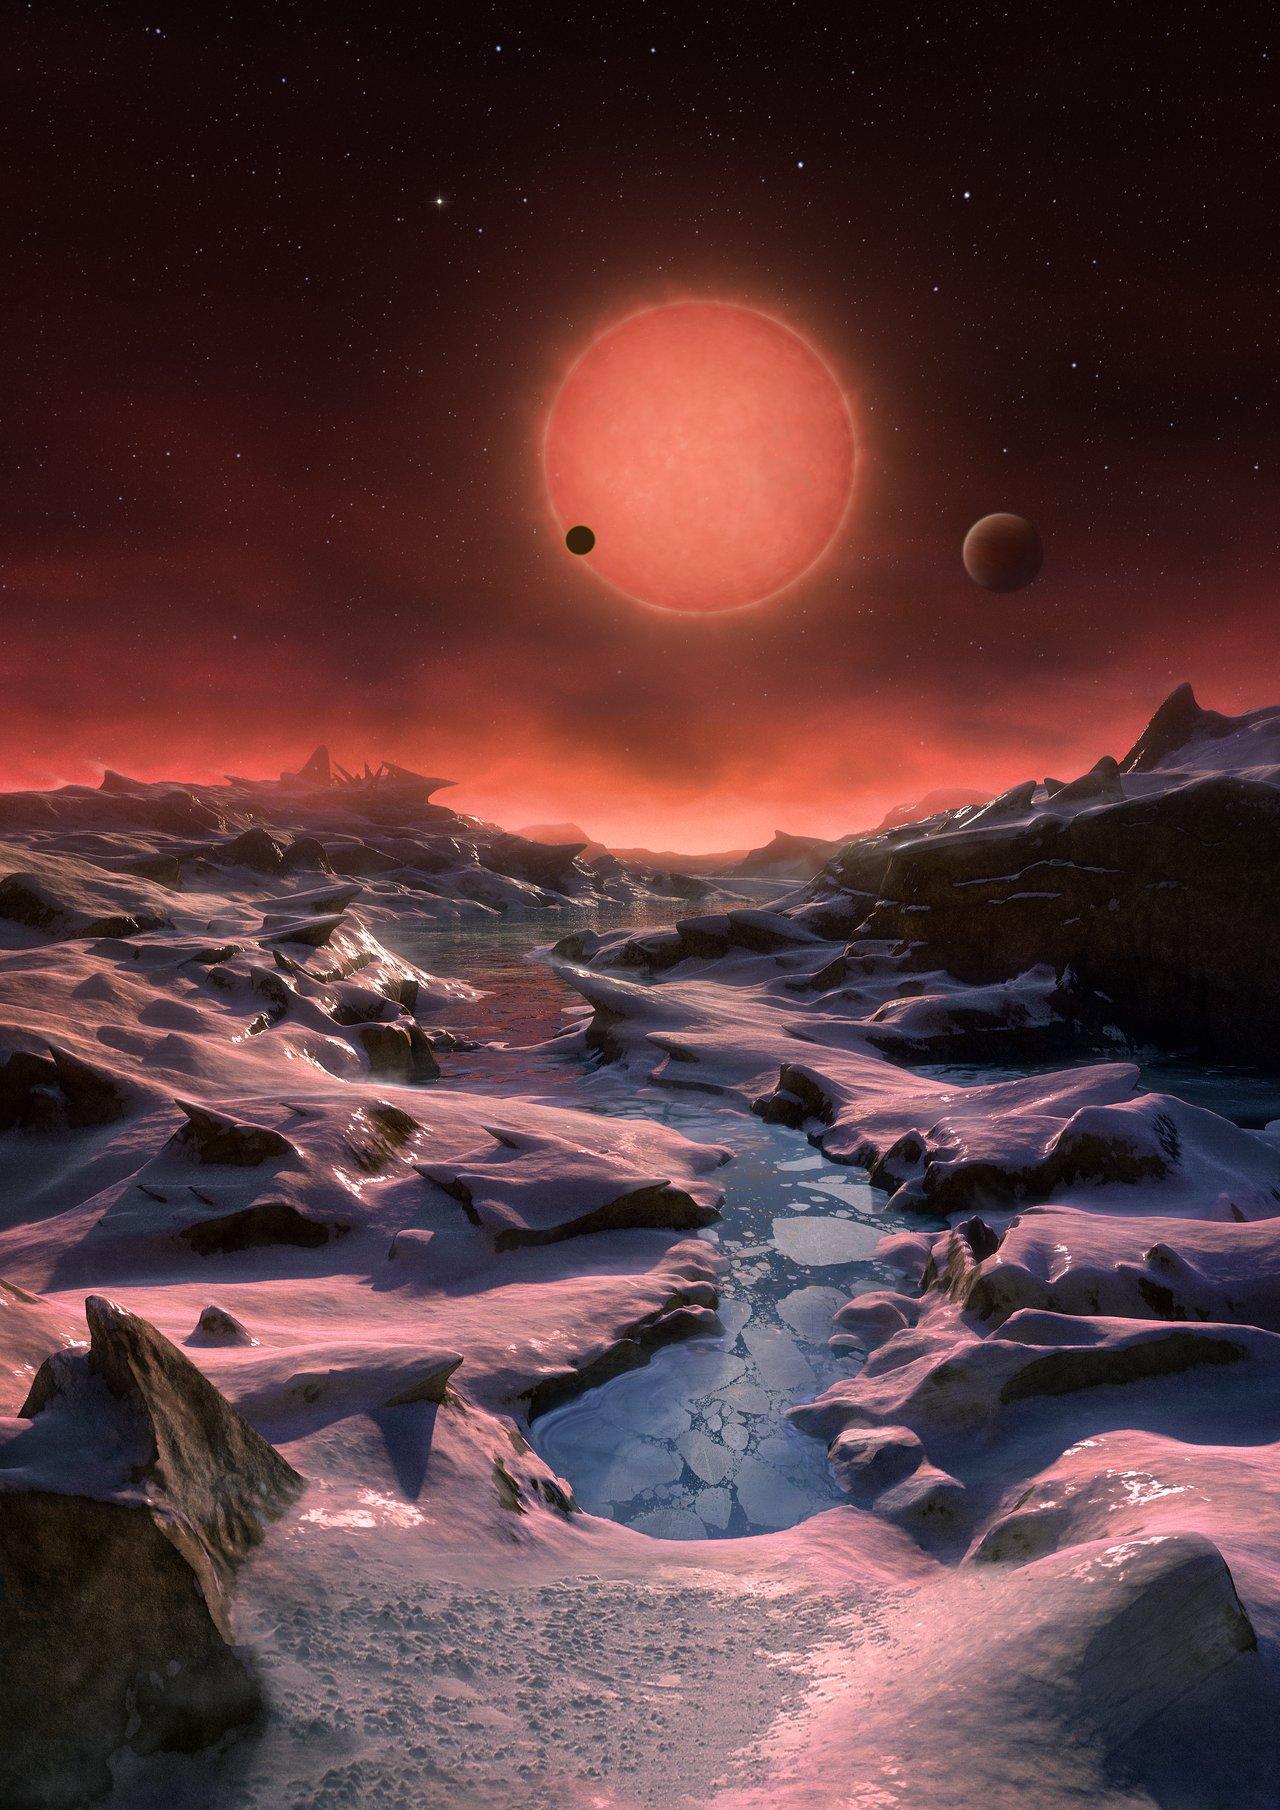 pohlad z jednej z planet v systeme trappist1